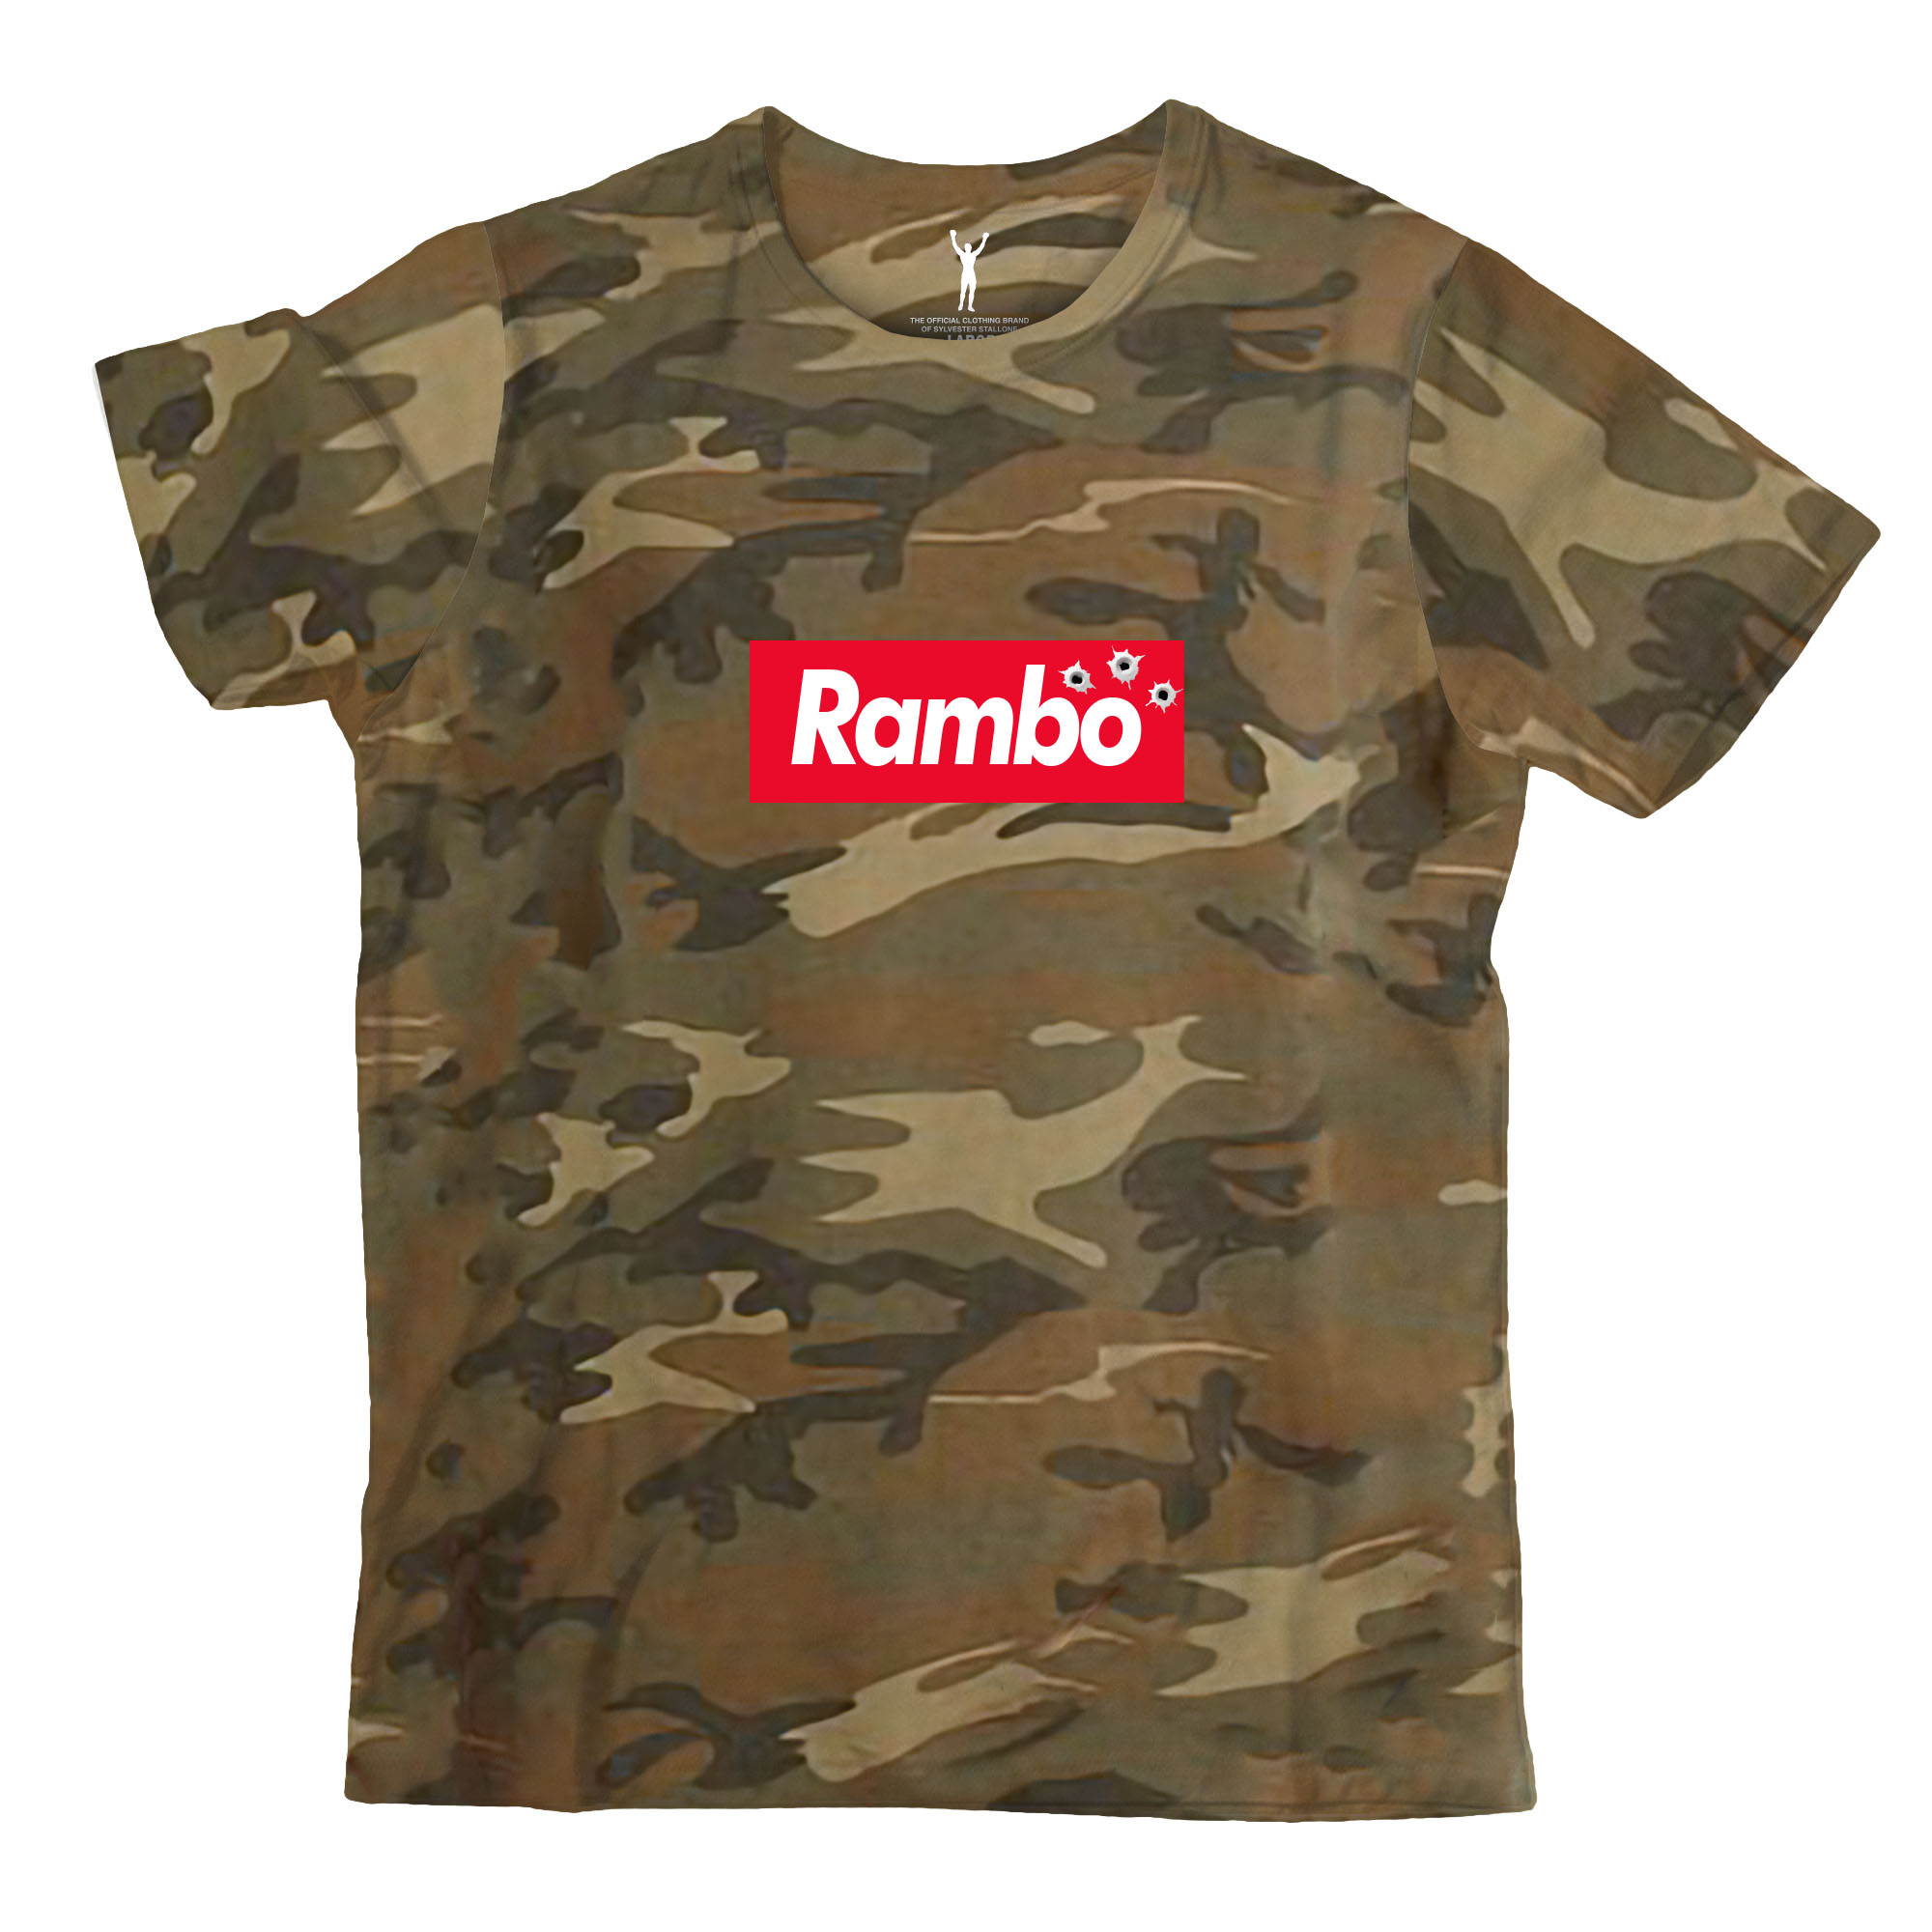 RAMBO Camo Tee